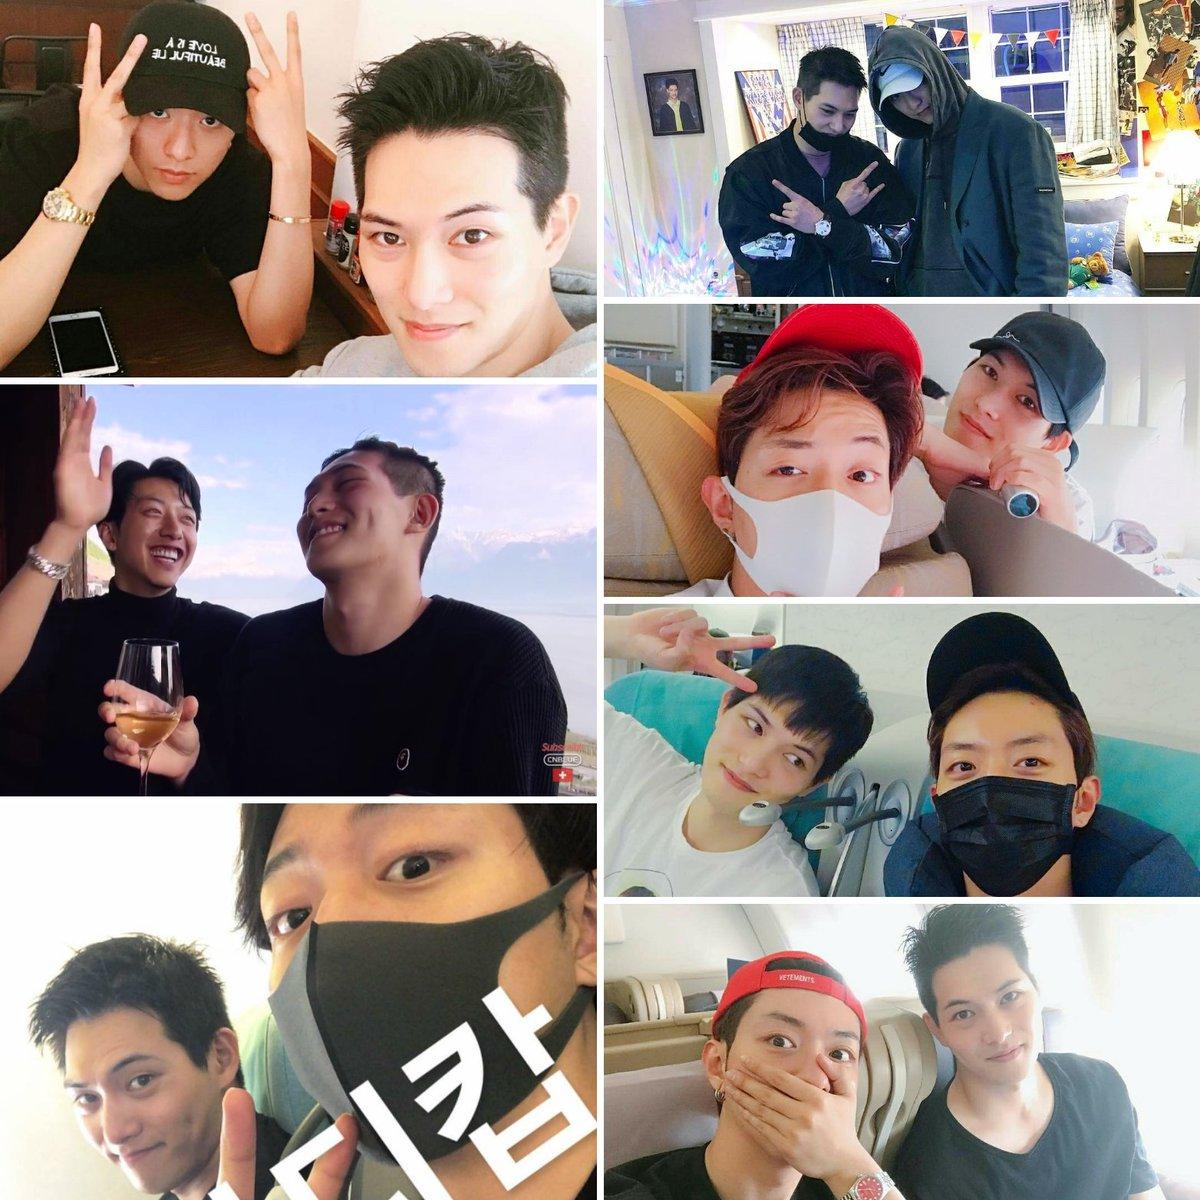 test ツイッターメディア - 本当に優しくて、いい人な ジョンシン✨が ジョンヒョンにだけ  苦情?! 文句?!って言うか ディスる?!の大好き💕  遠慮がないところに  すごく愛を感じる❤️  本物の家族、兄弟みたい😭  #LeeJongHyun #LeeJungShin  #이종현 #이정신  #CNBLUE https://t.co/6NkRsJP6vT